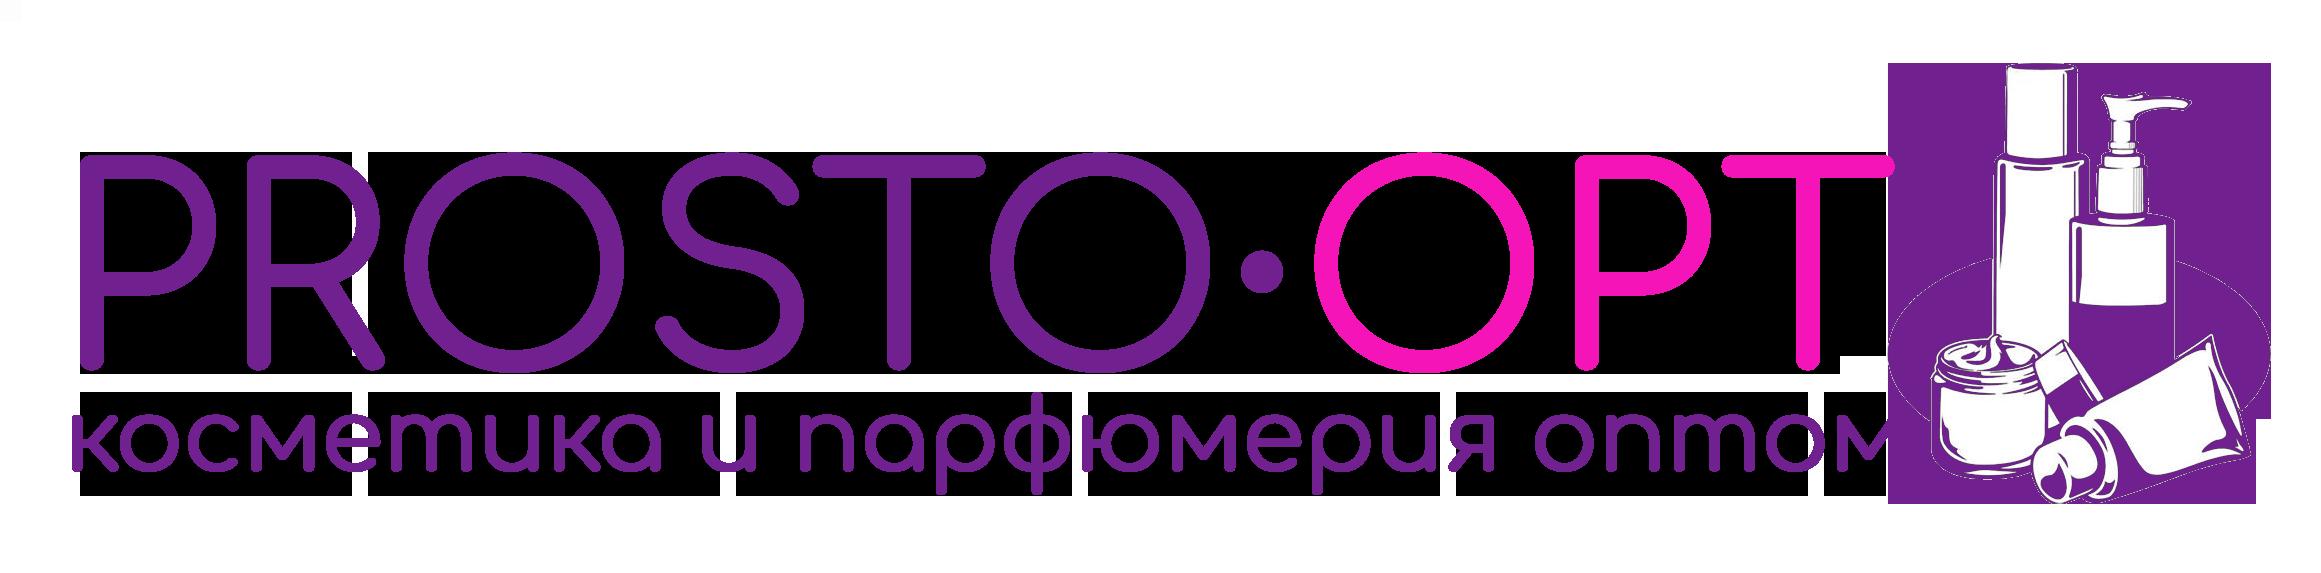 ProstoOpt